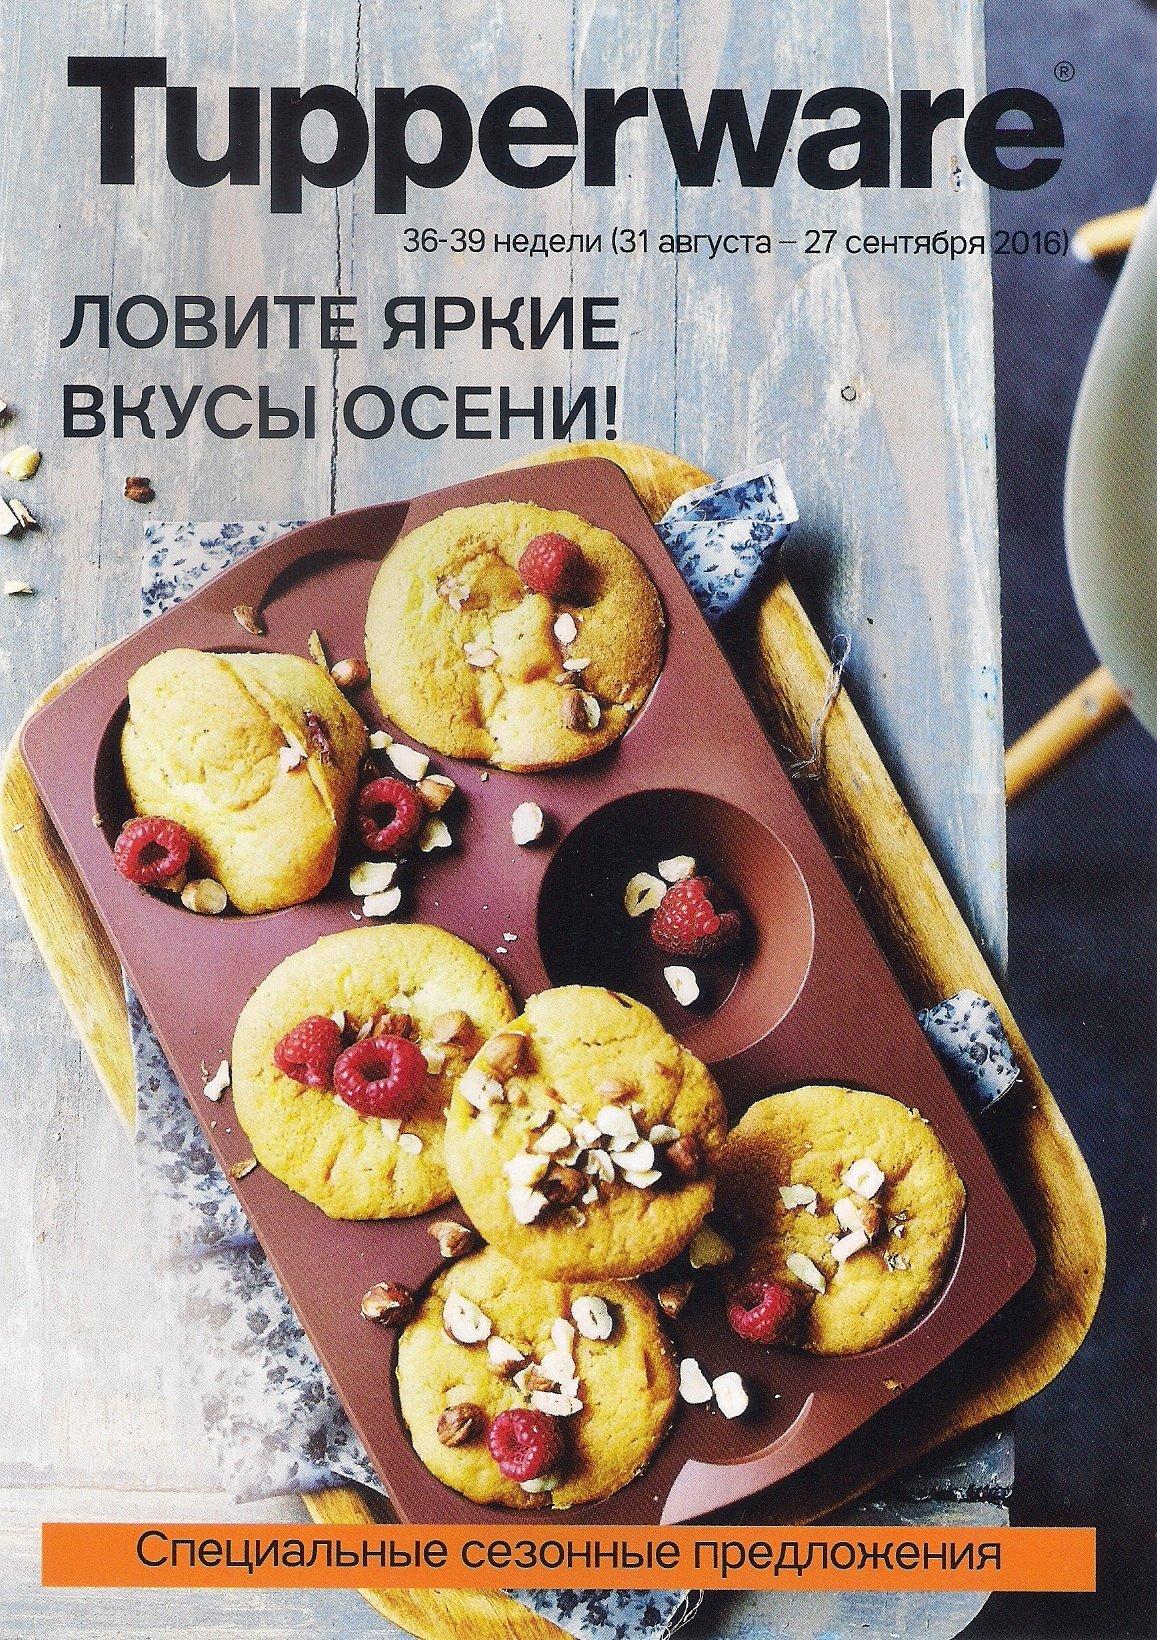 https://tupperware-online.ru/images/upload/1c.jpg